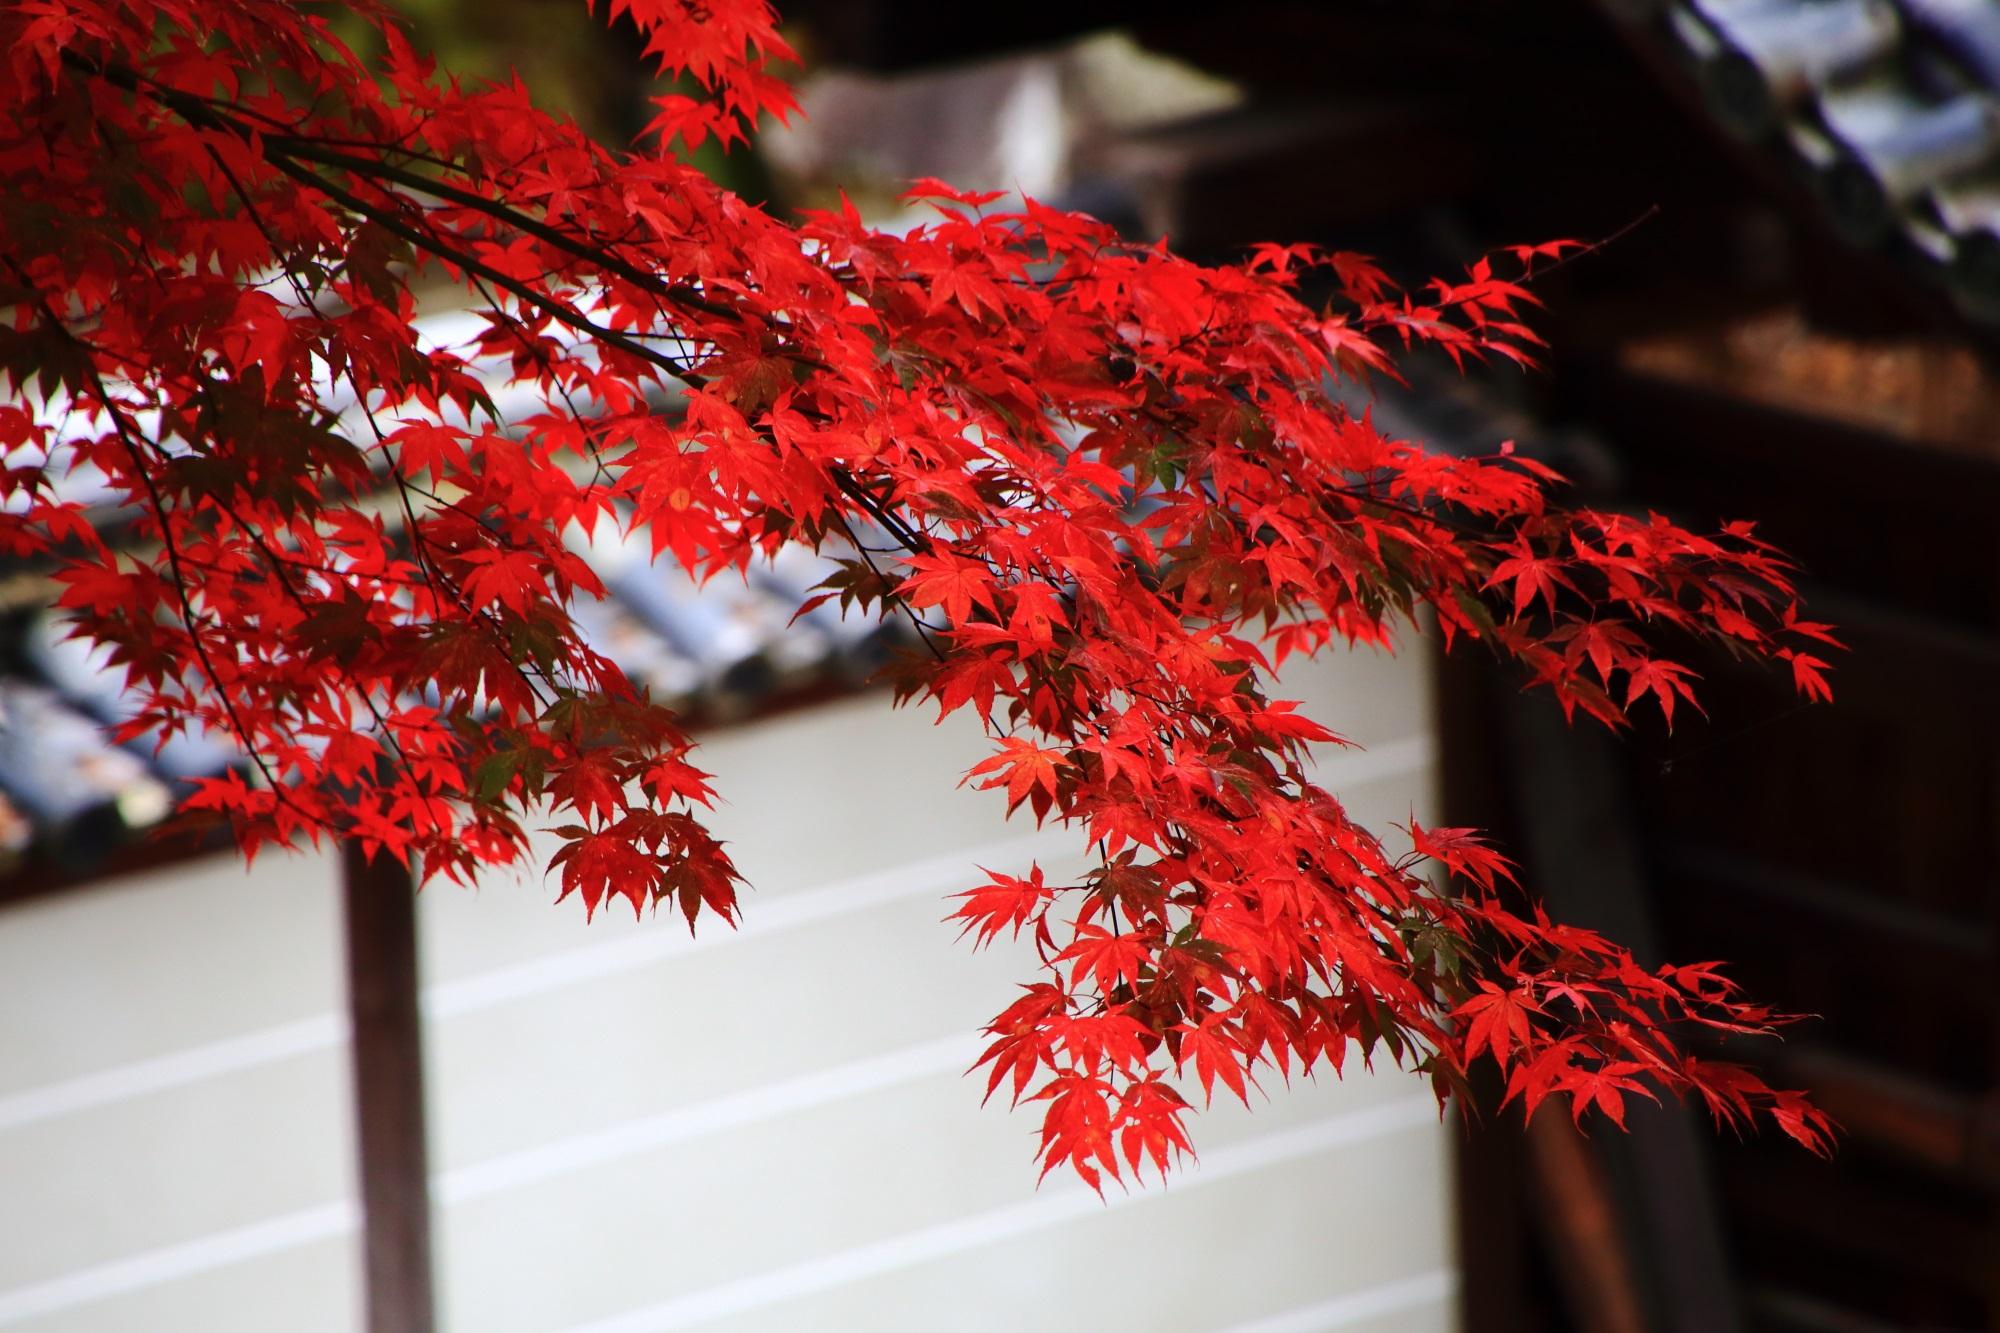 知恩院御廟の白壁に映える絶品の赤い紅葉